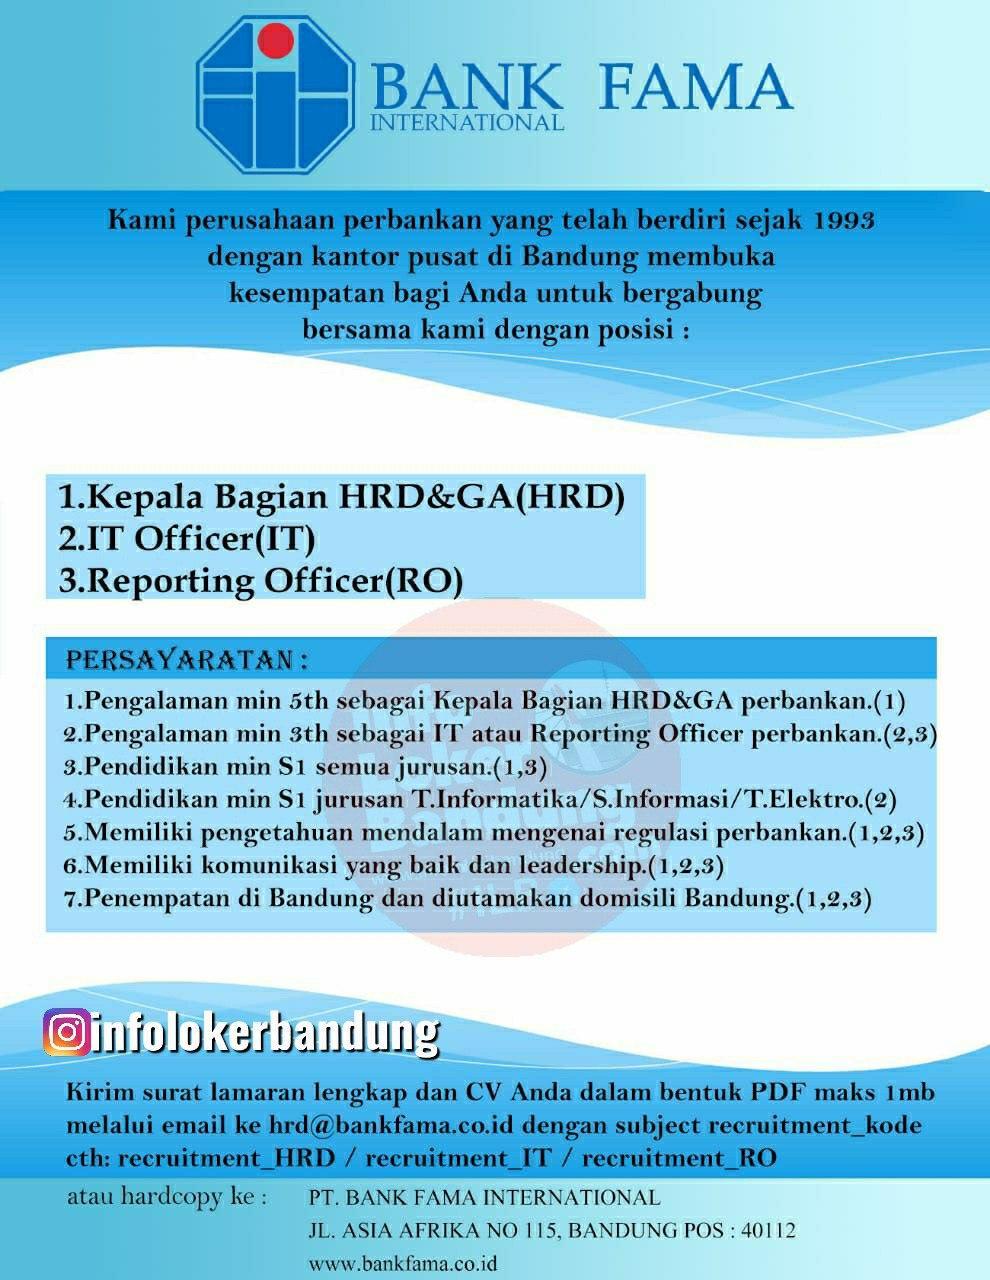 Lowongan Kerja PT. Bank Fama International Bandung Agustus 2020